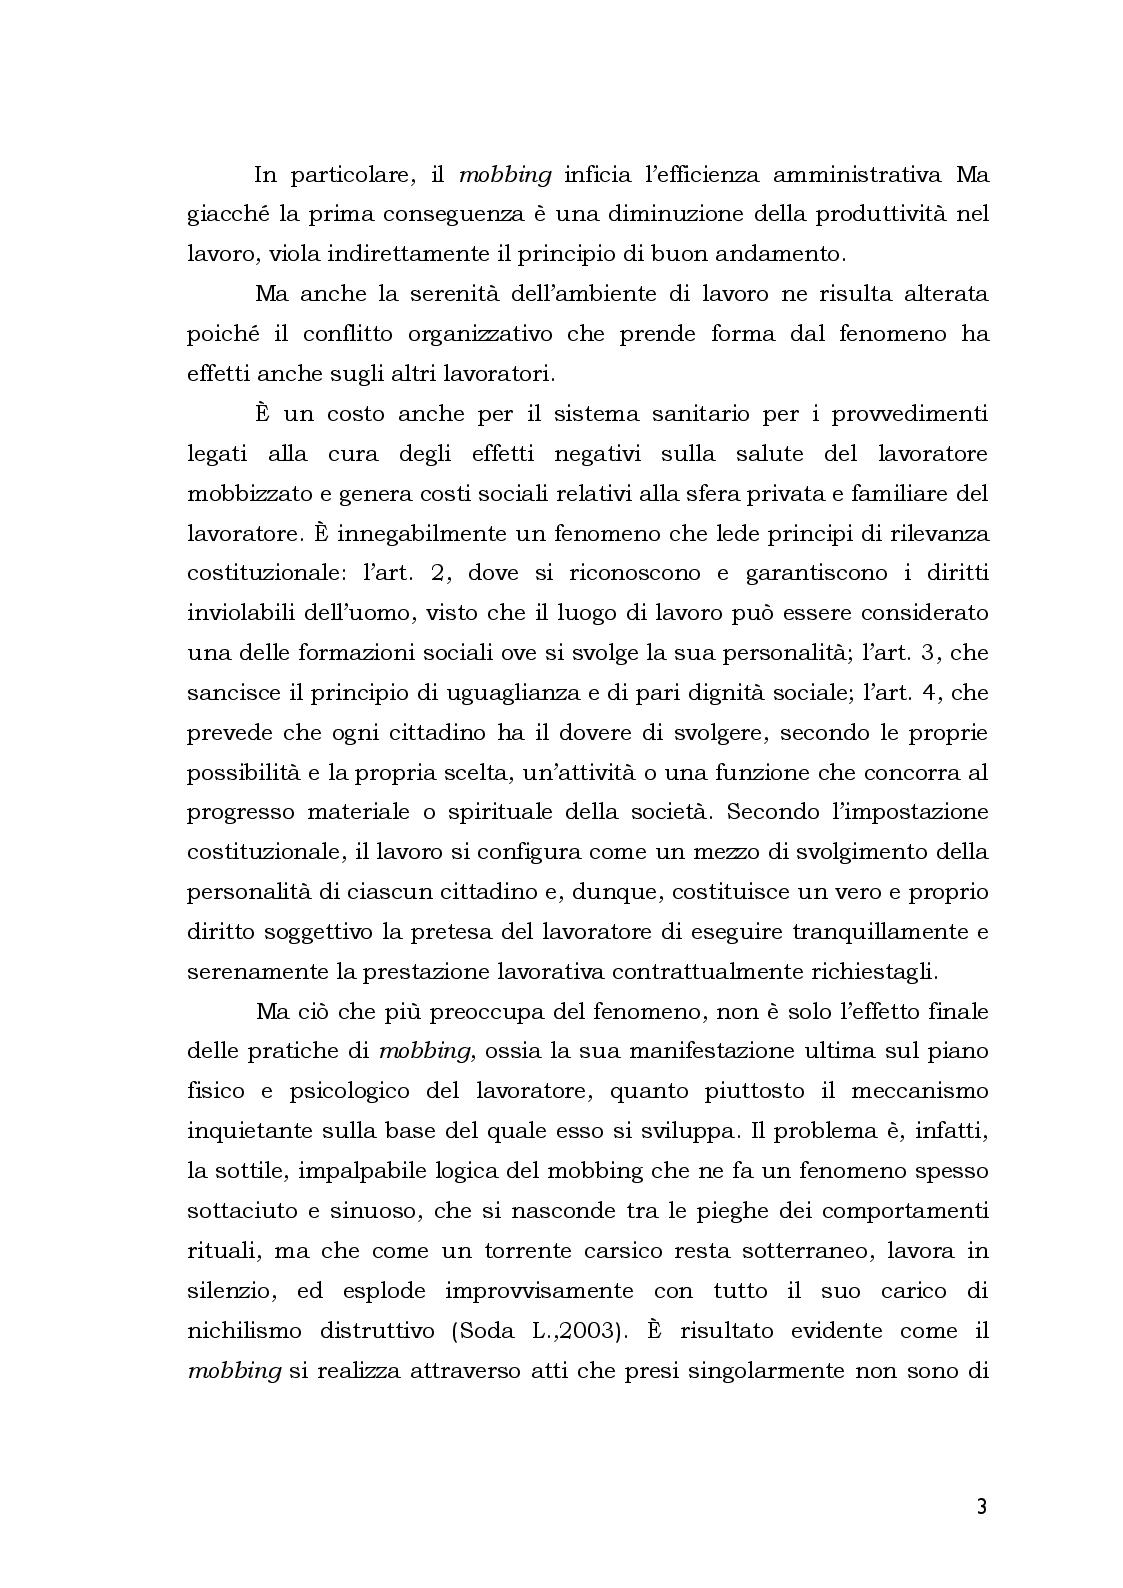 Anteprima della tesi: Aspetti Psicosociali e Girudici del Mobbing nella Pubblica Amministrazione.  Analisi Comparata, Pagina 3